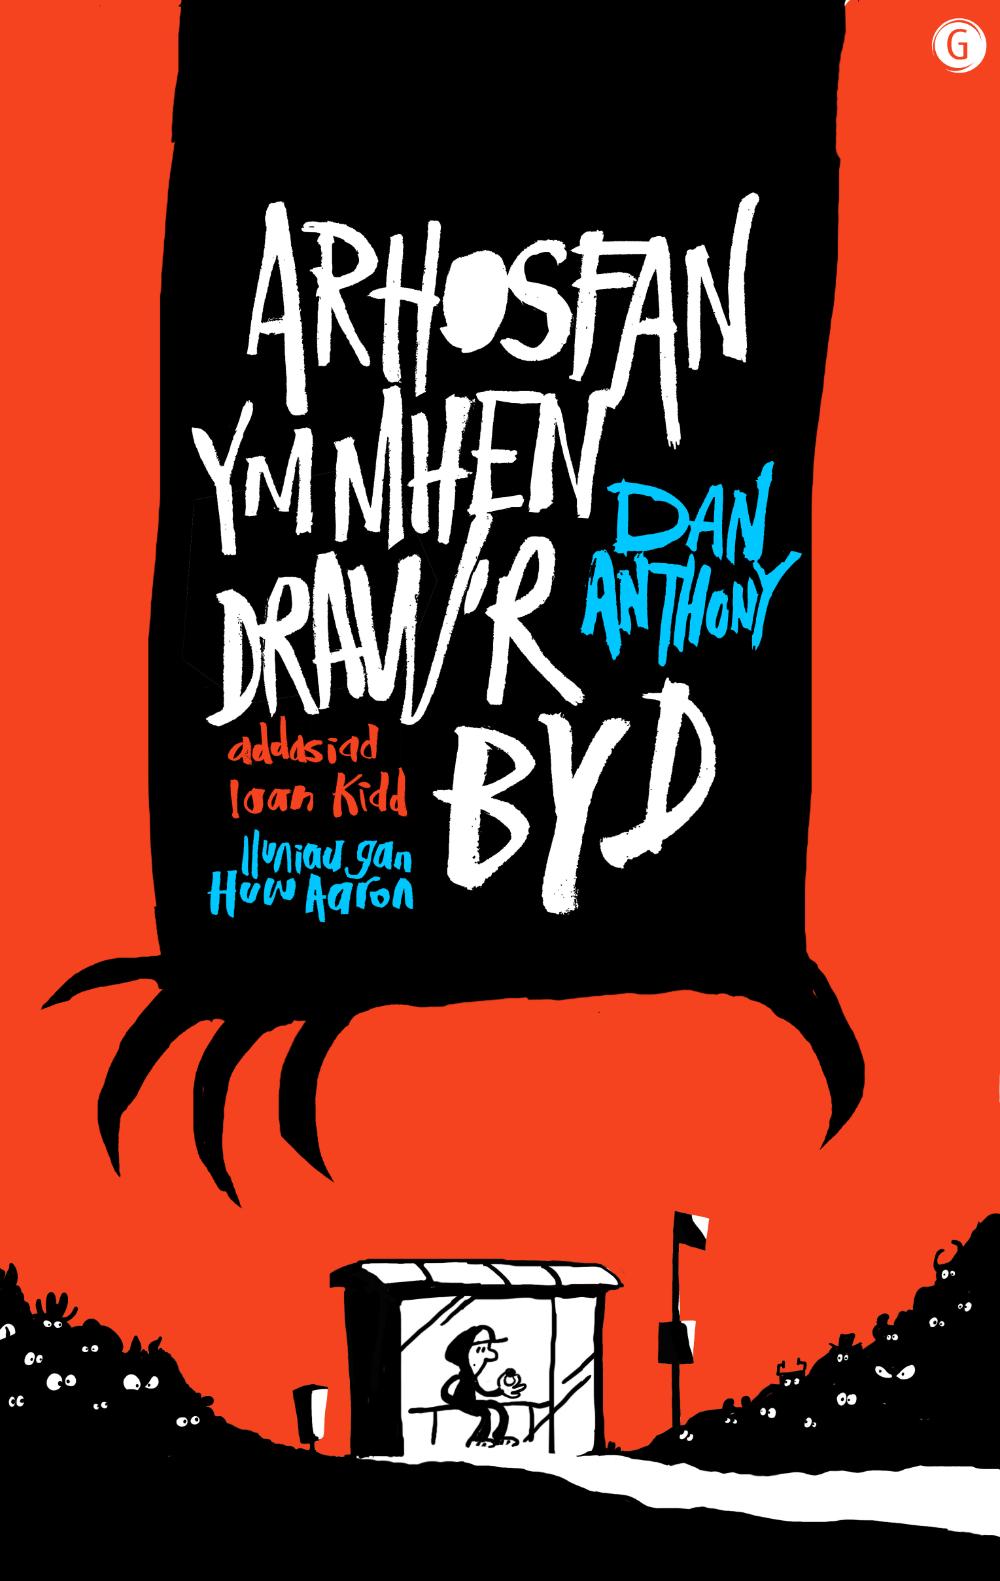 Dan Anthony Arhosfan Ymhen Draw'r Byd